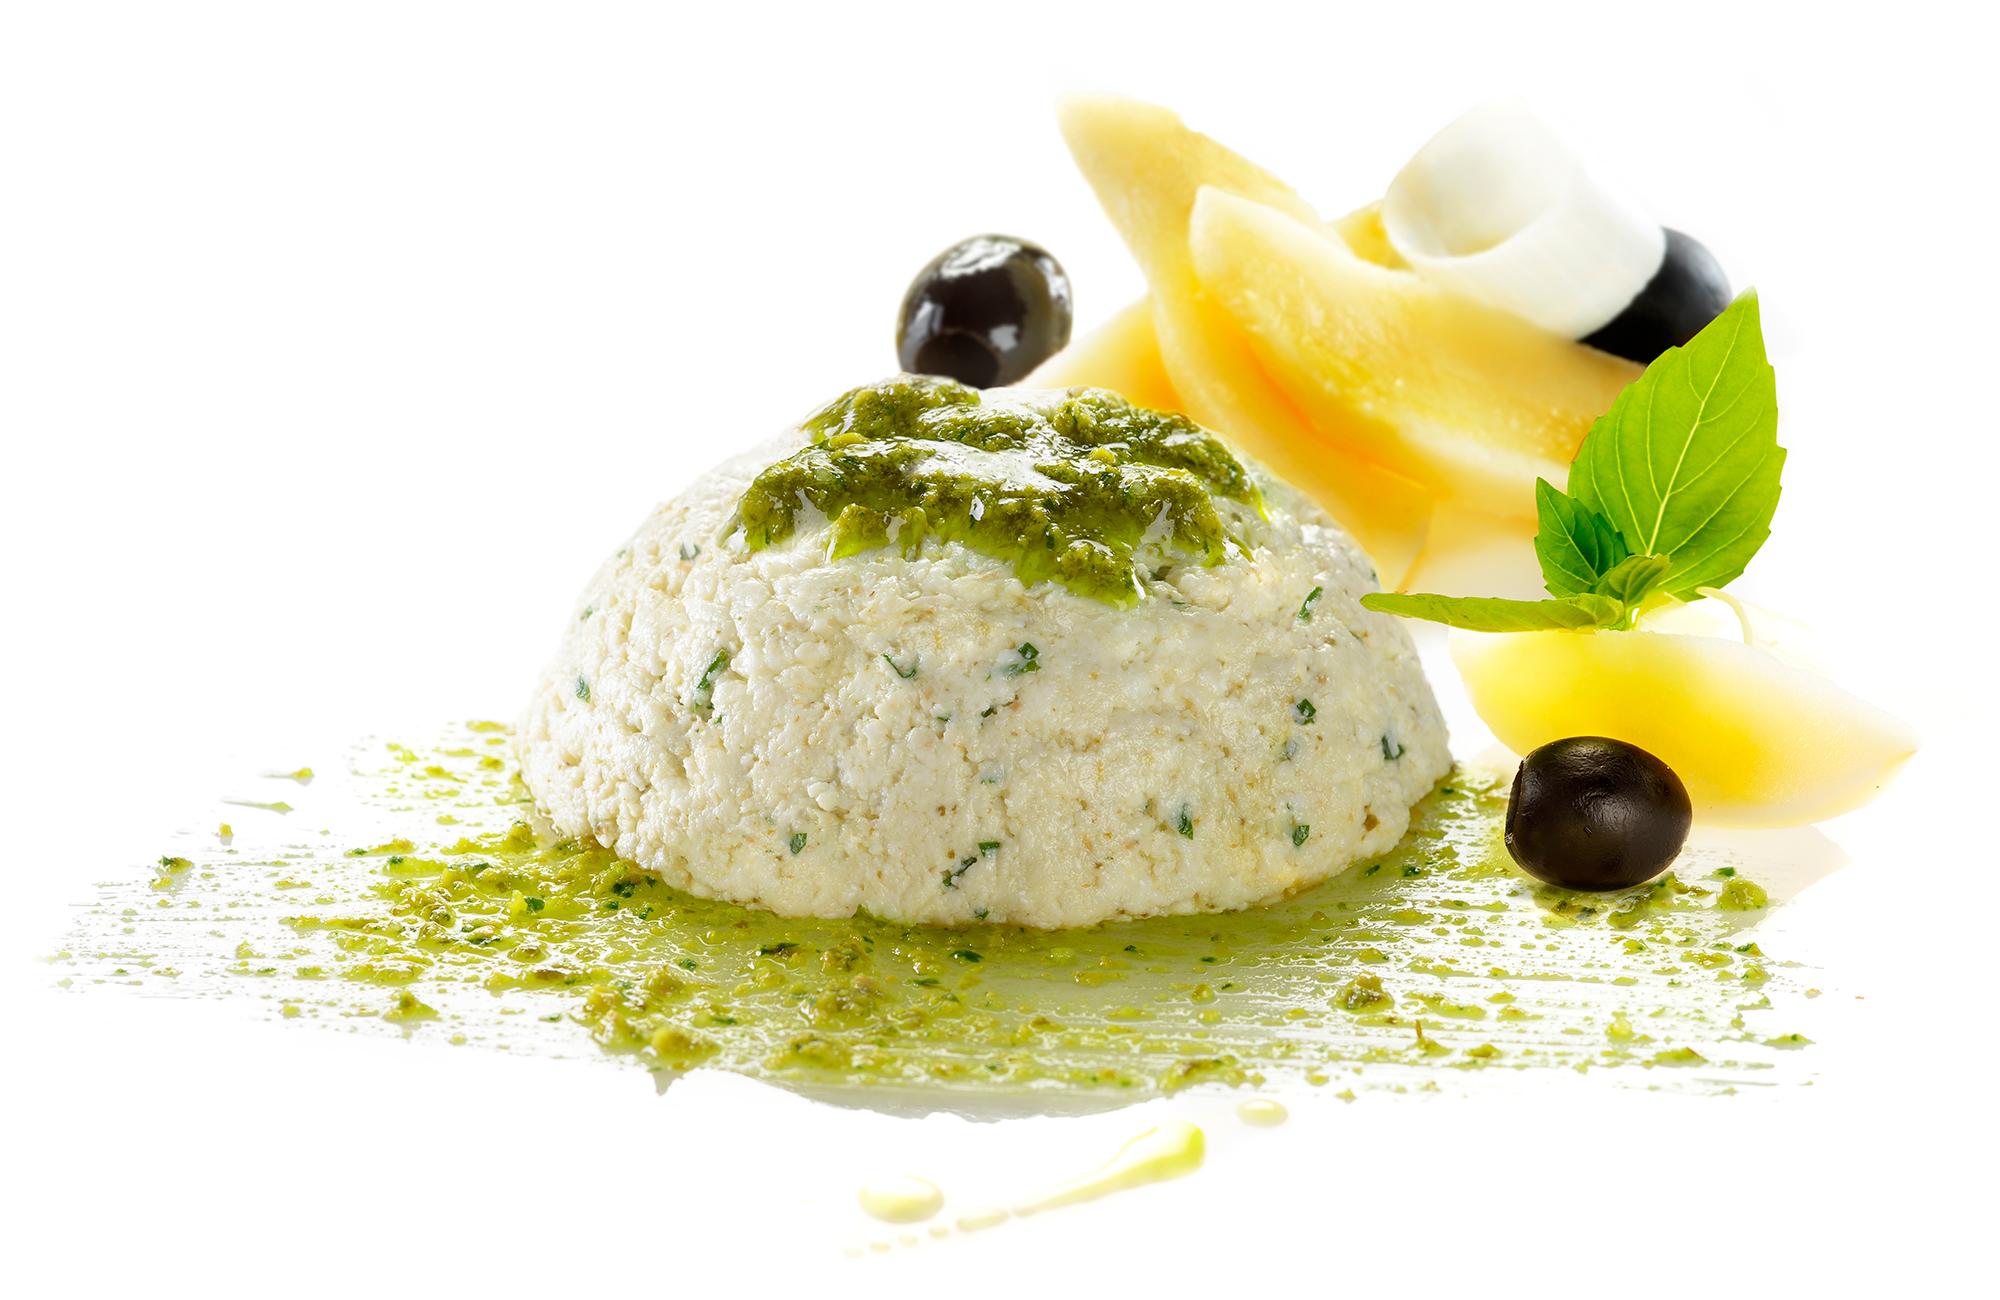 Ricottine al Pesto alla Genovese Ponti con olive nere, porri e patate